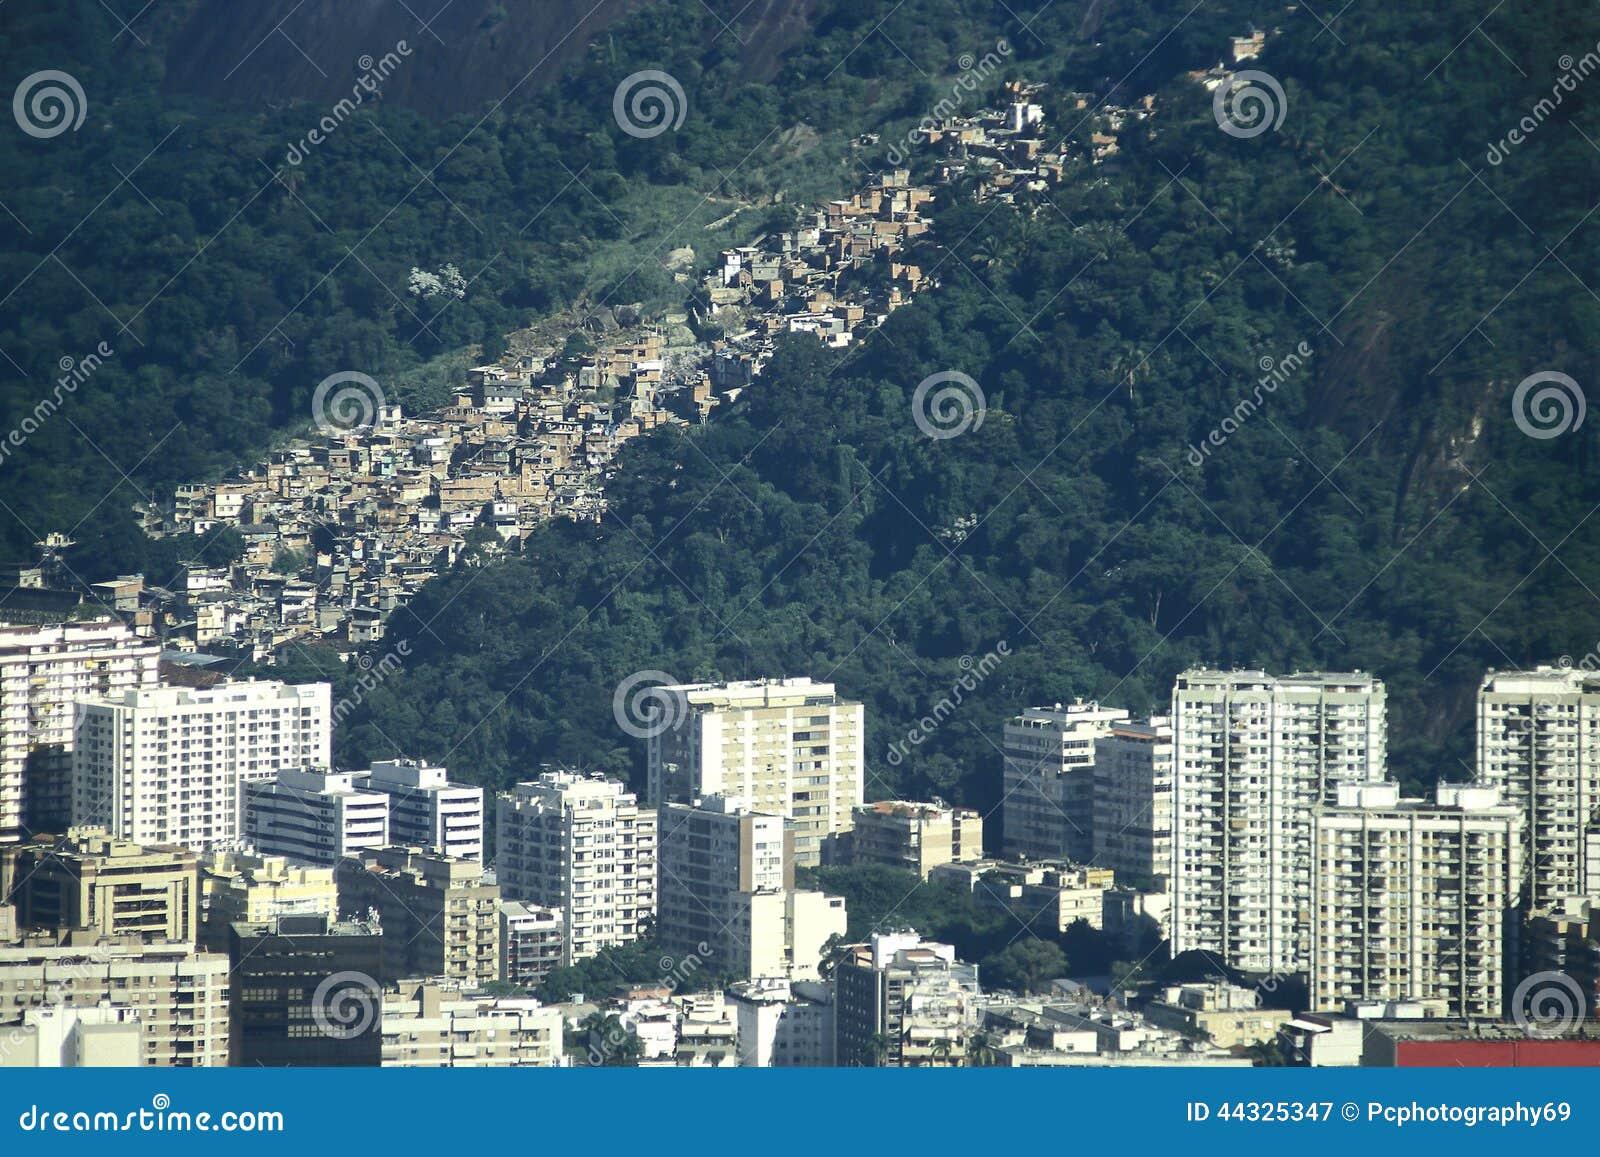 Il contrasto bewtween la ricchezza e la povertà nel Brasile: grattacieli